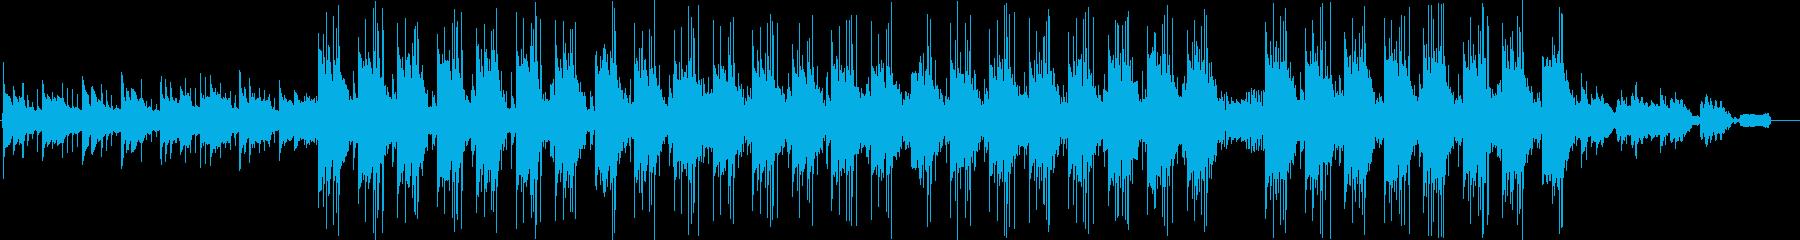 トラップ ヒップホップ エキゾチッ...の再生済みの波形